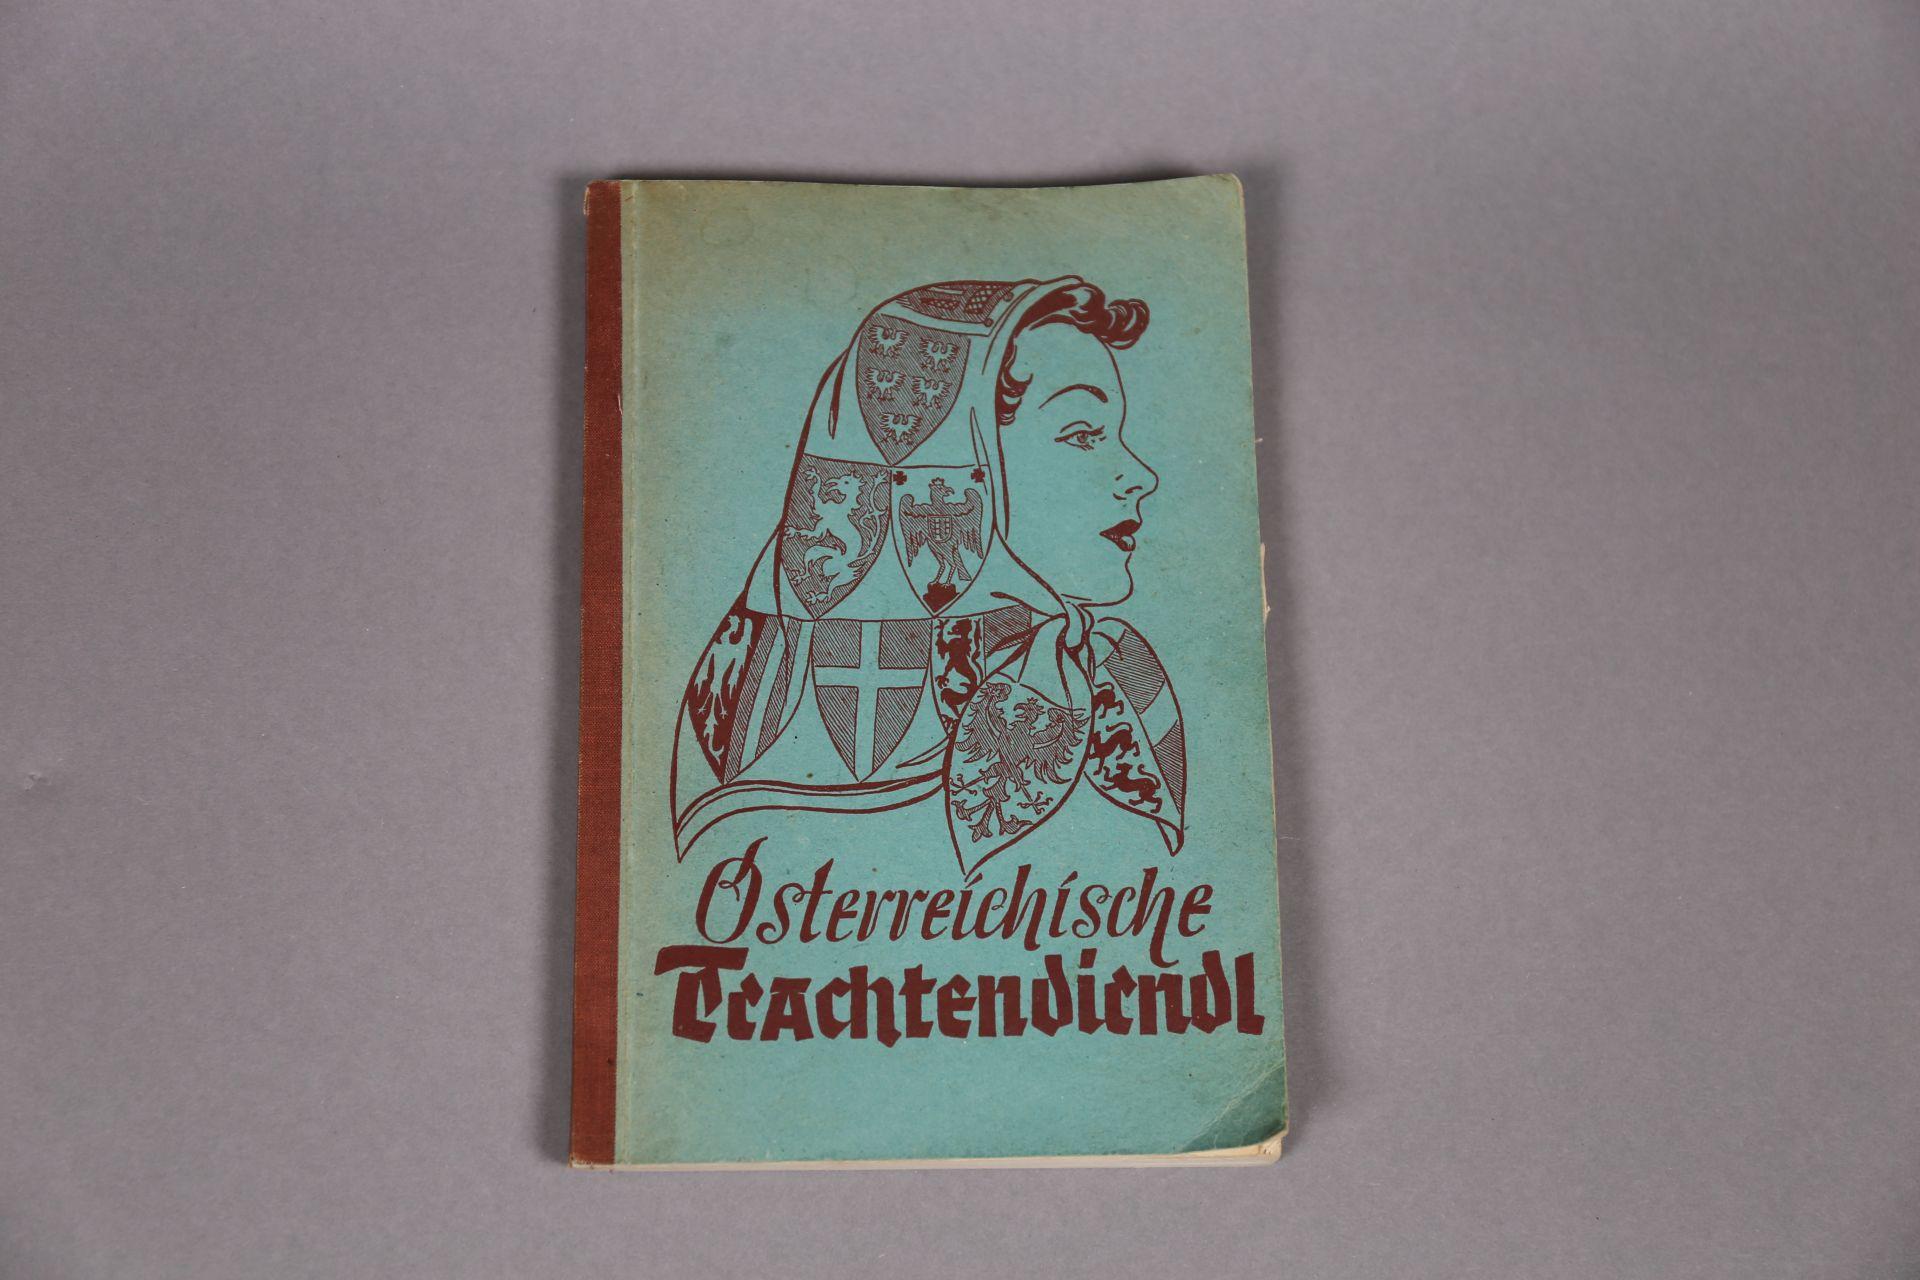 Buch von Maria Strnad, Druckerei: Piller`s Nfg.